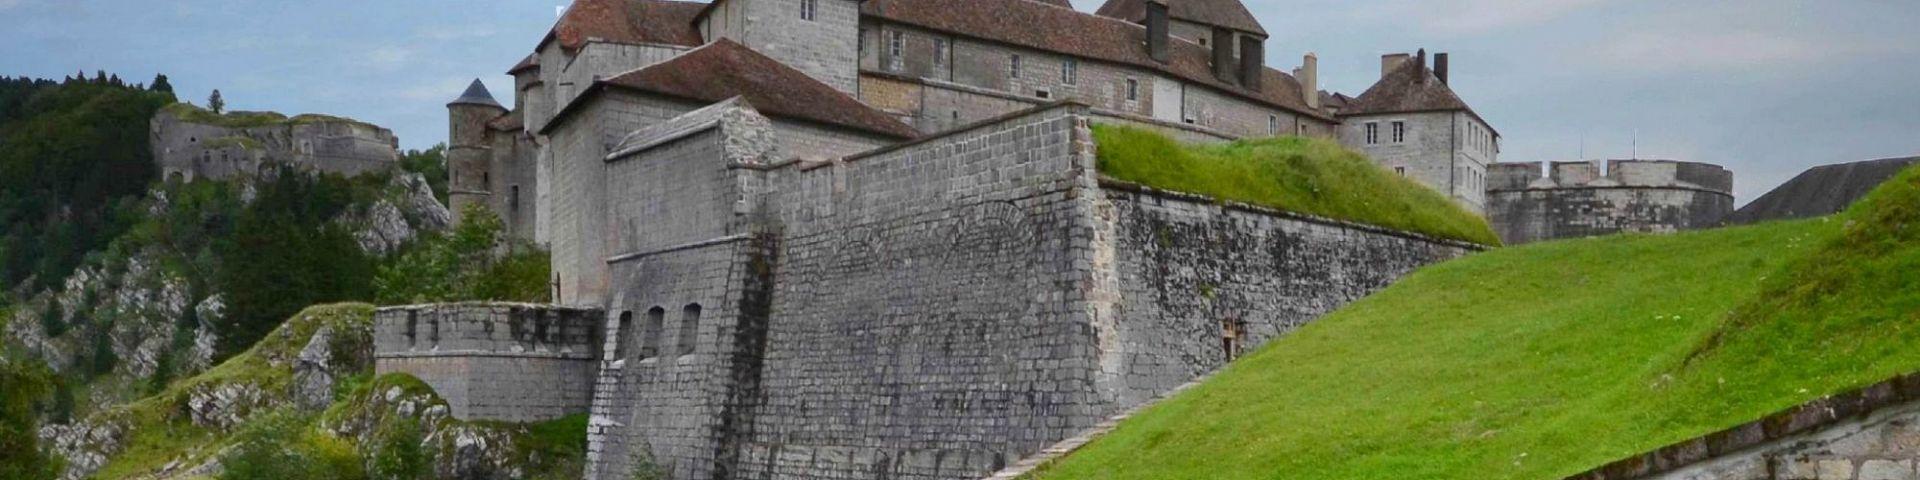 La Cluse-et-Mijoux - Fort de Joux (25)